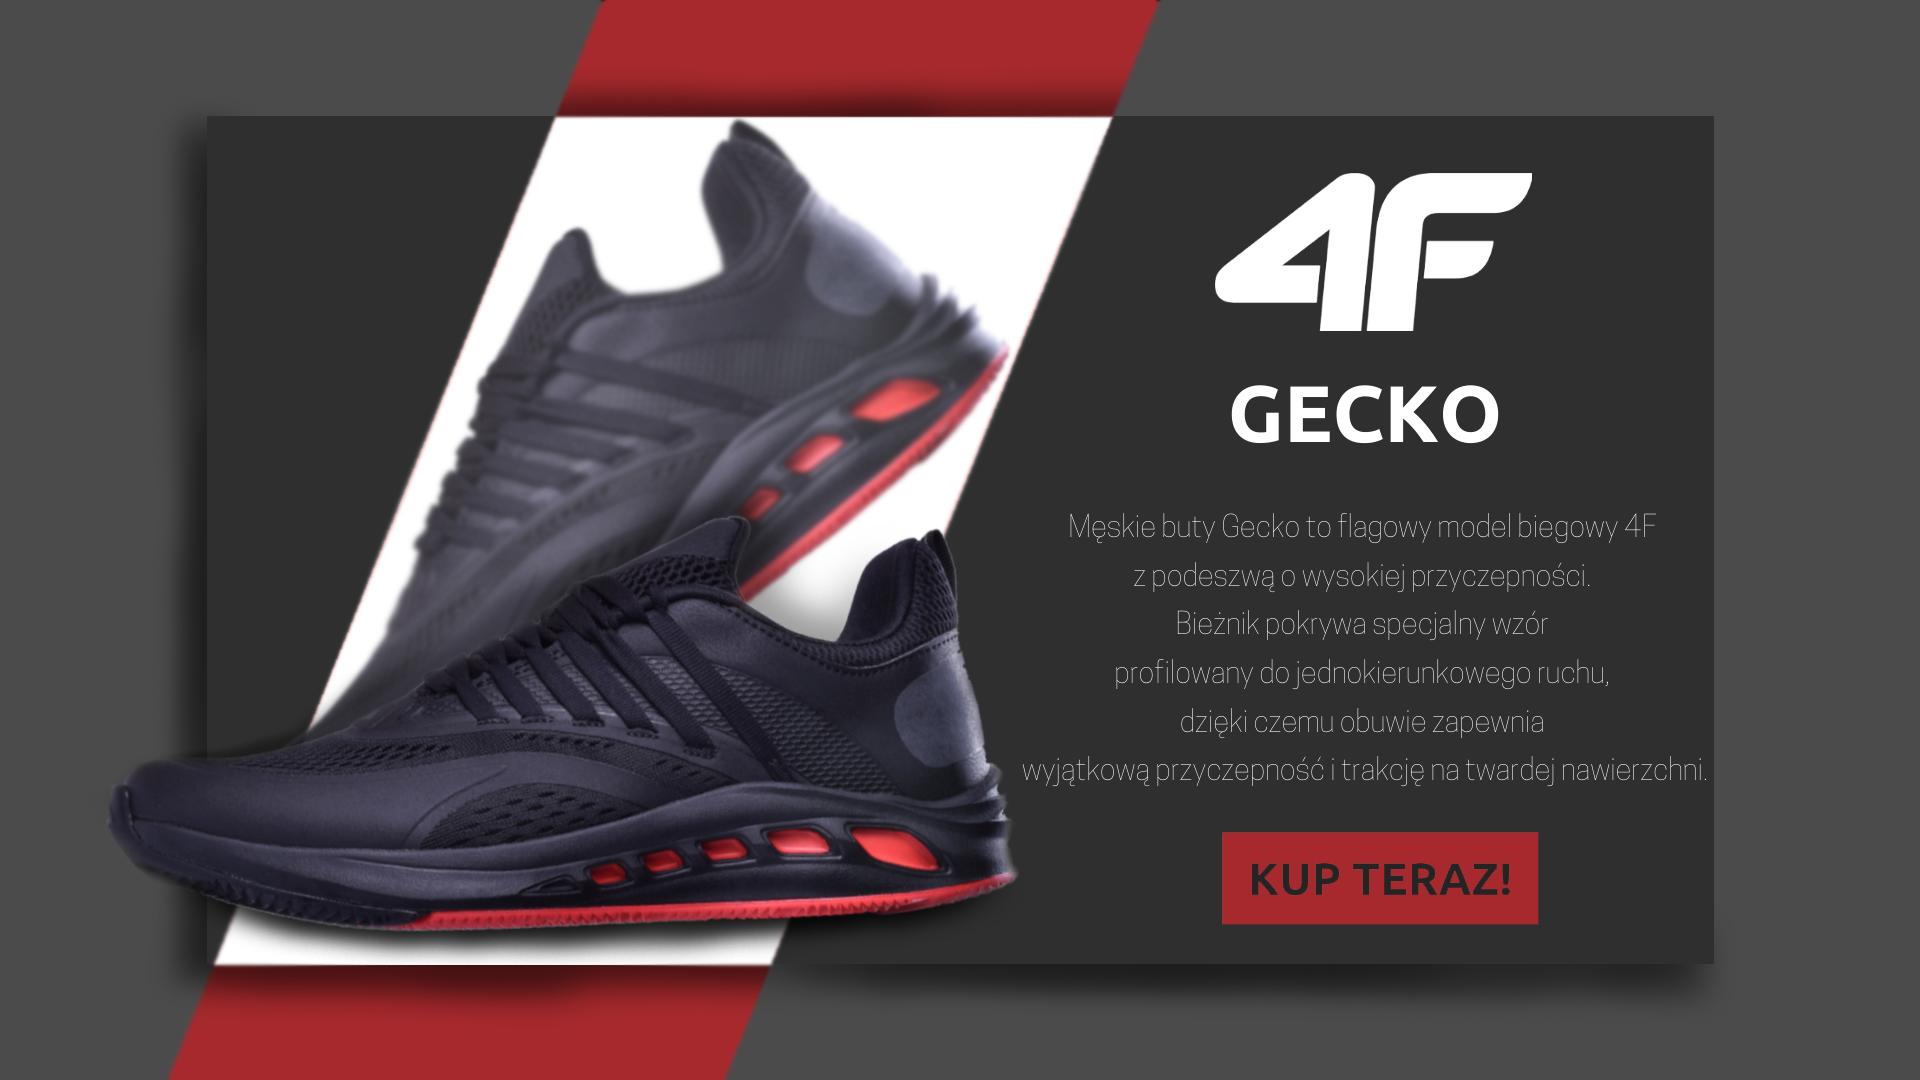 Sklep Internetowy Oryginalne Obuwie Sportowe Tanie Buty Nike Adidas Prosport24